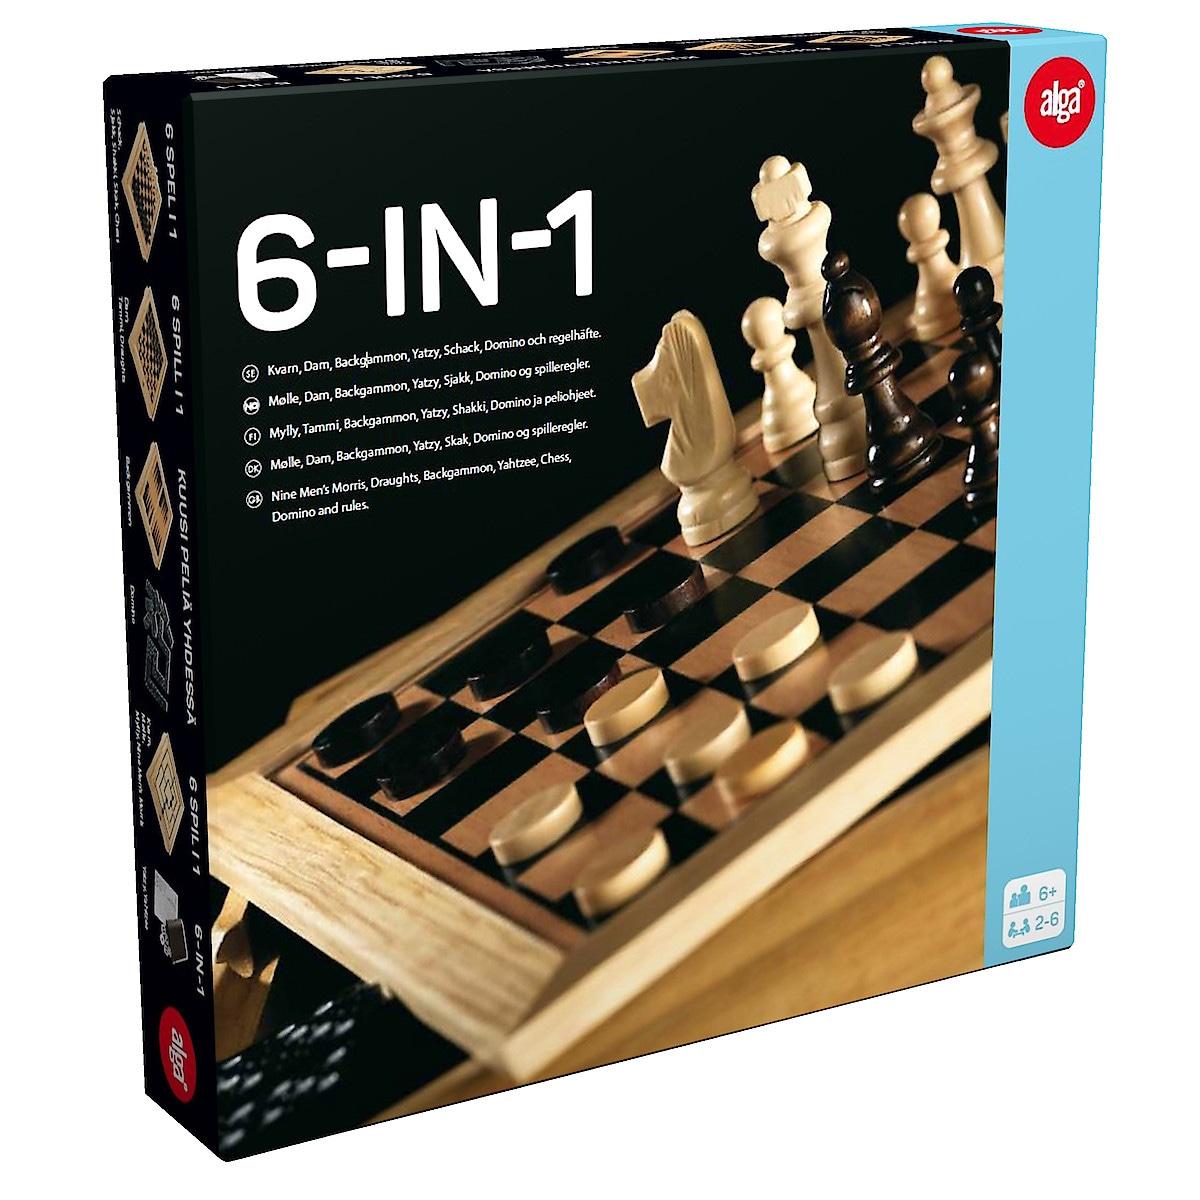 Spelbox Alga 6 spel i 1